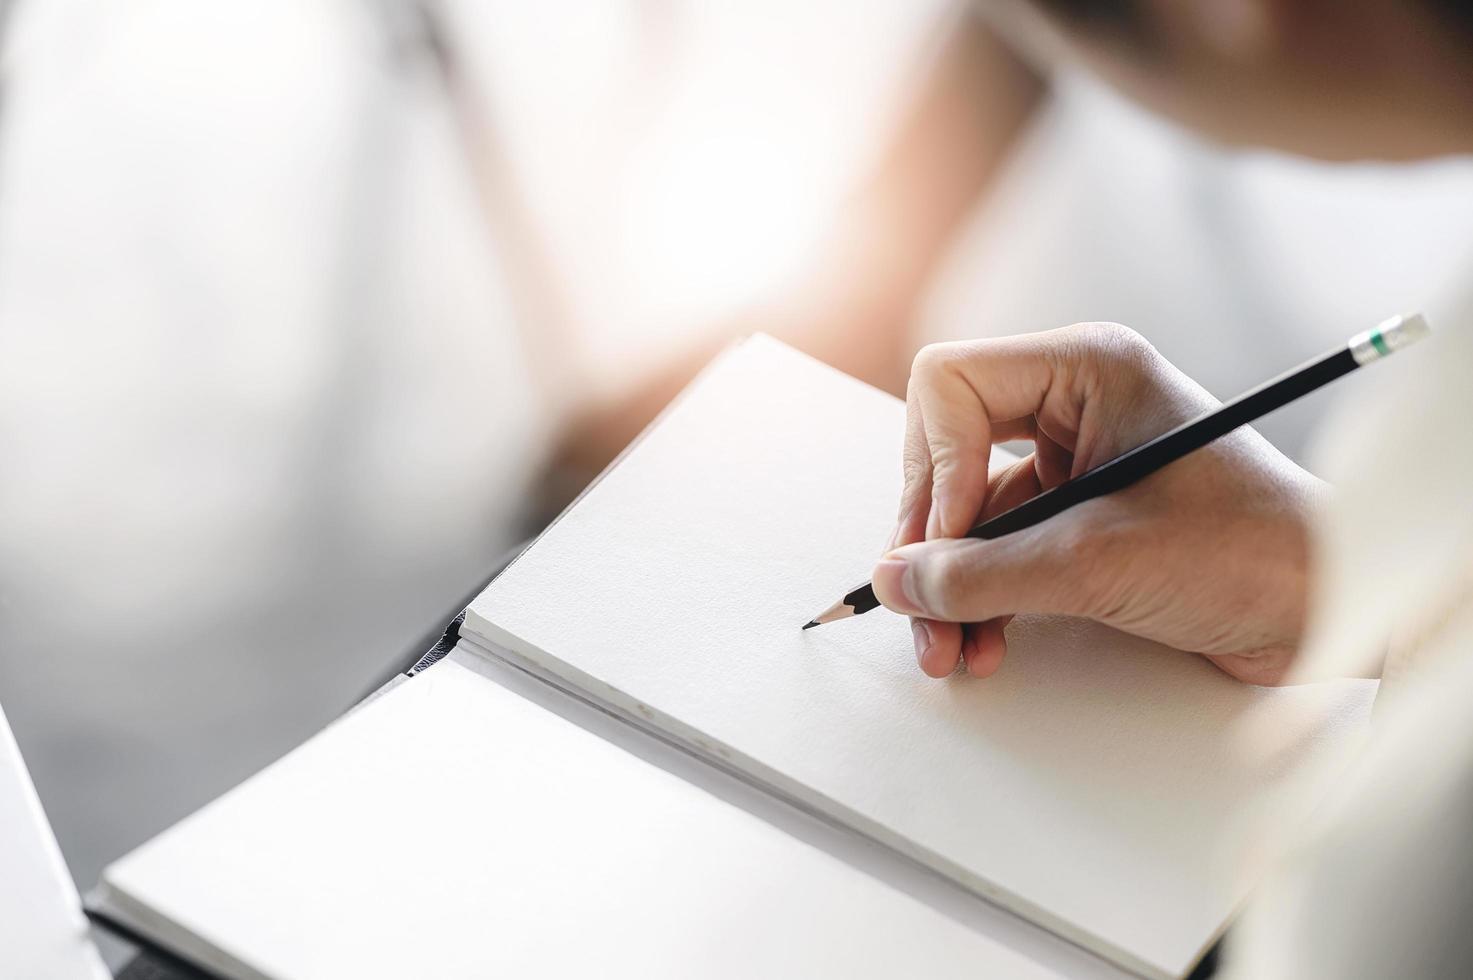 La main de l'homme écrit sur un ordinateur portable avec un crayon photo